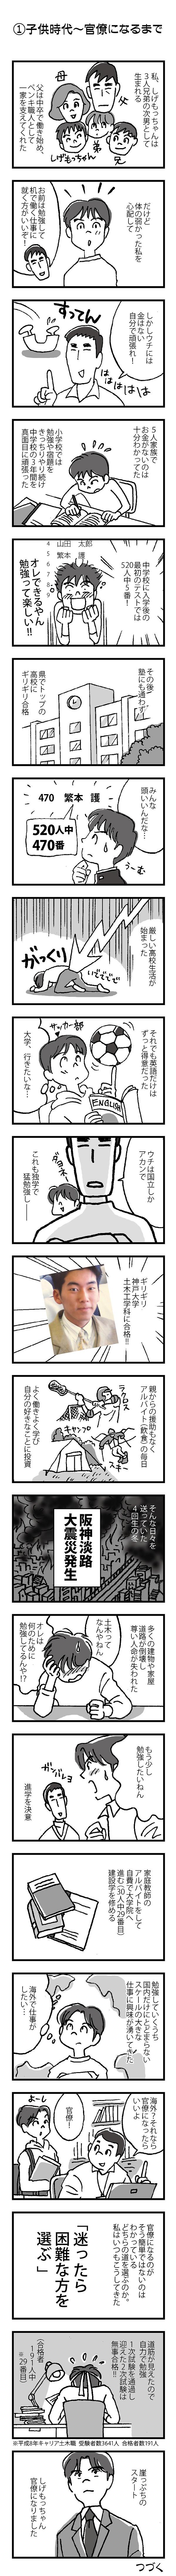 子供時代〜官僚 (1).jpg